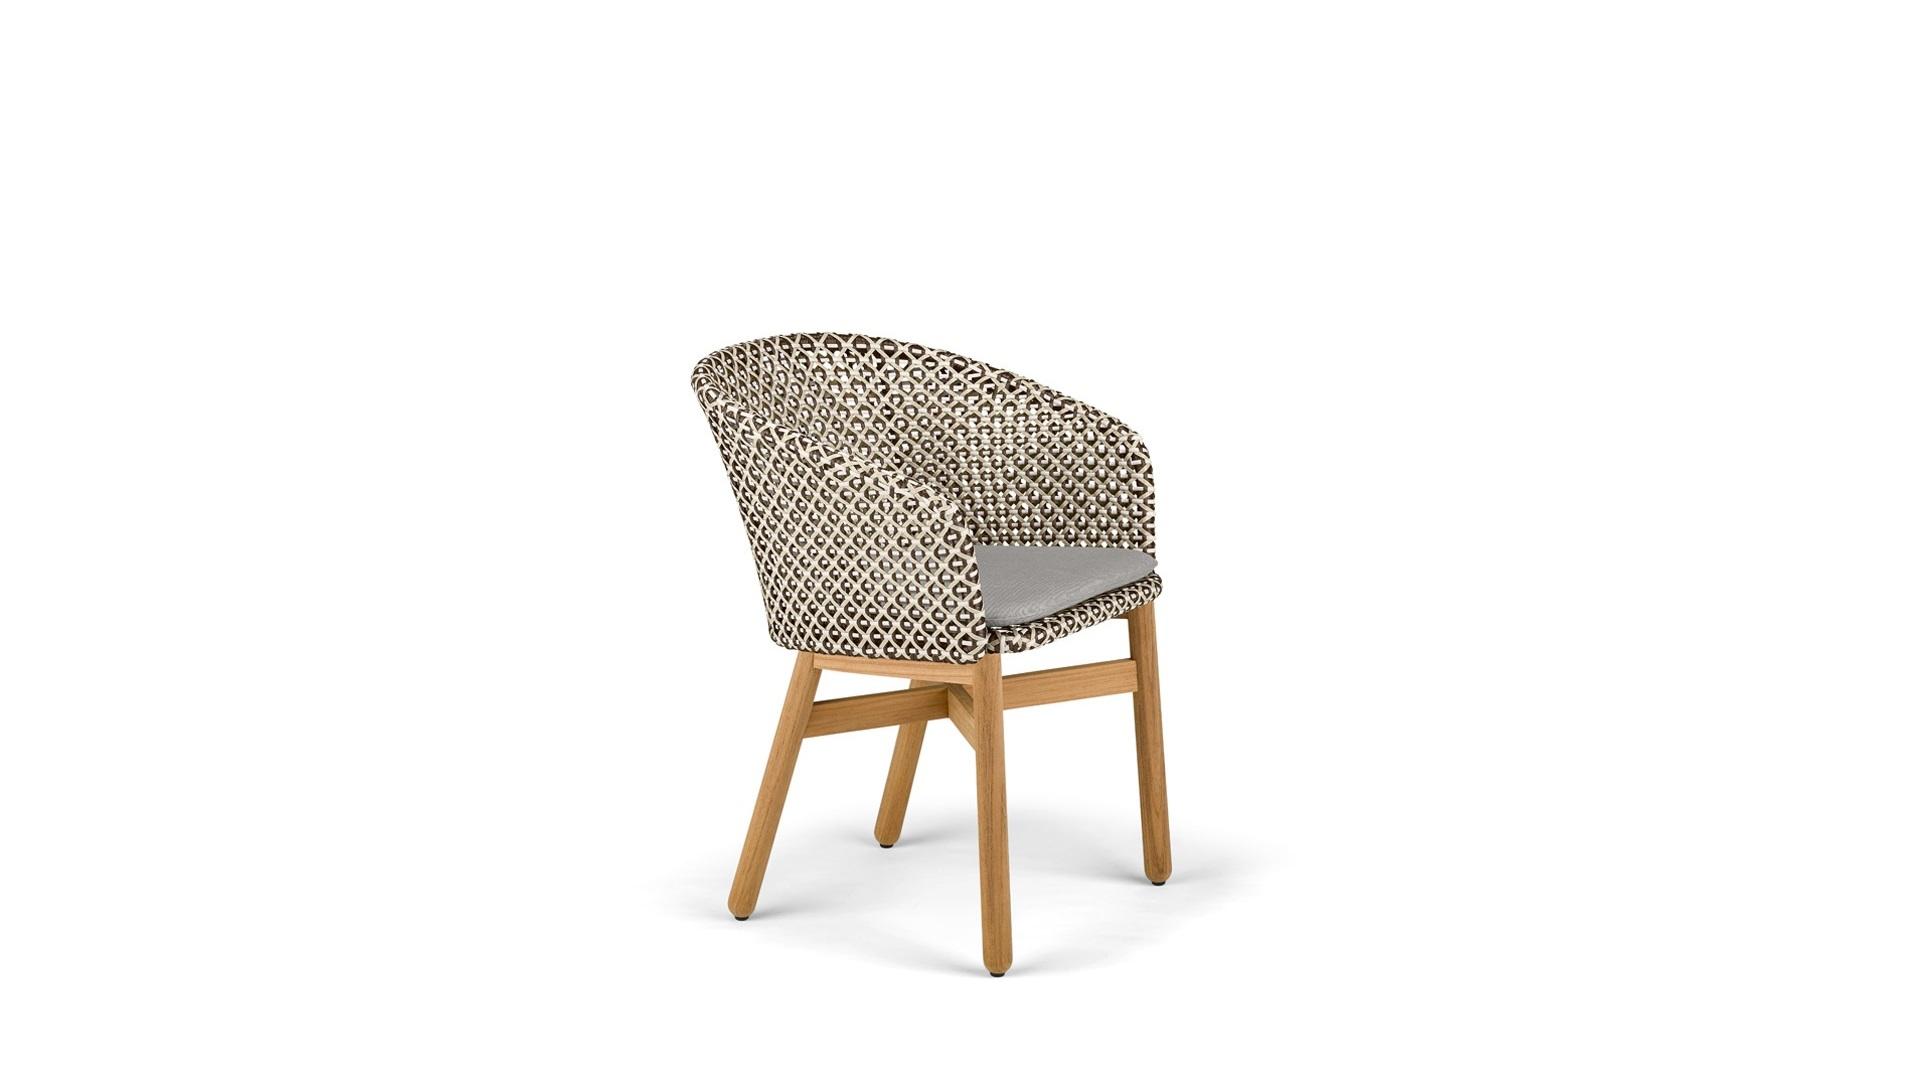 DEDON-Mbrace-Dining-chair-teak-pepper (1)dc.jpg